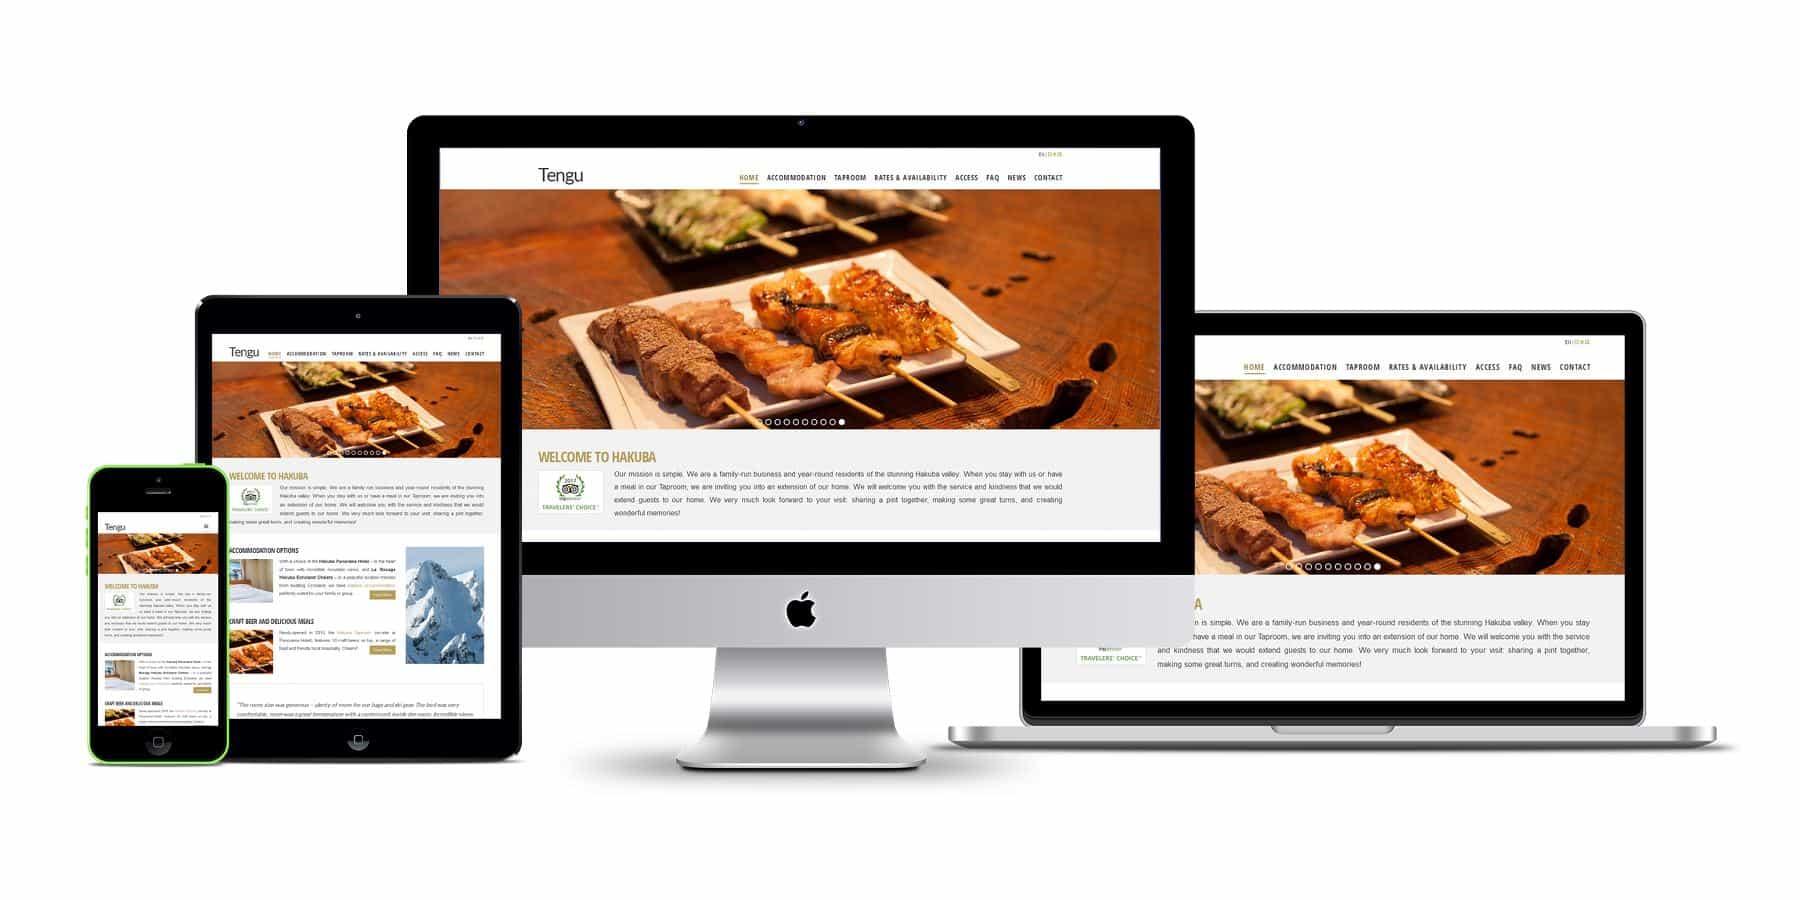 tengu properties website displayed on multiple screens